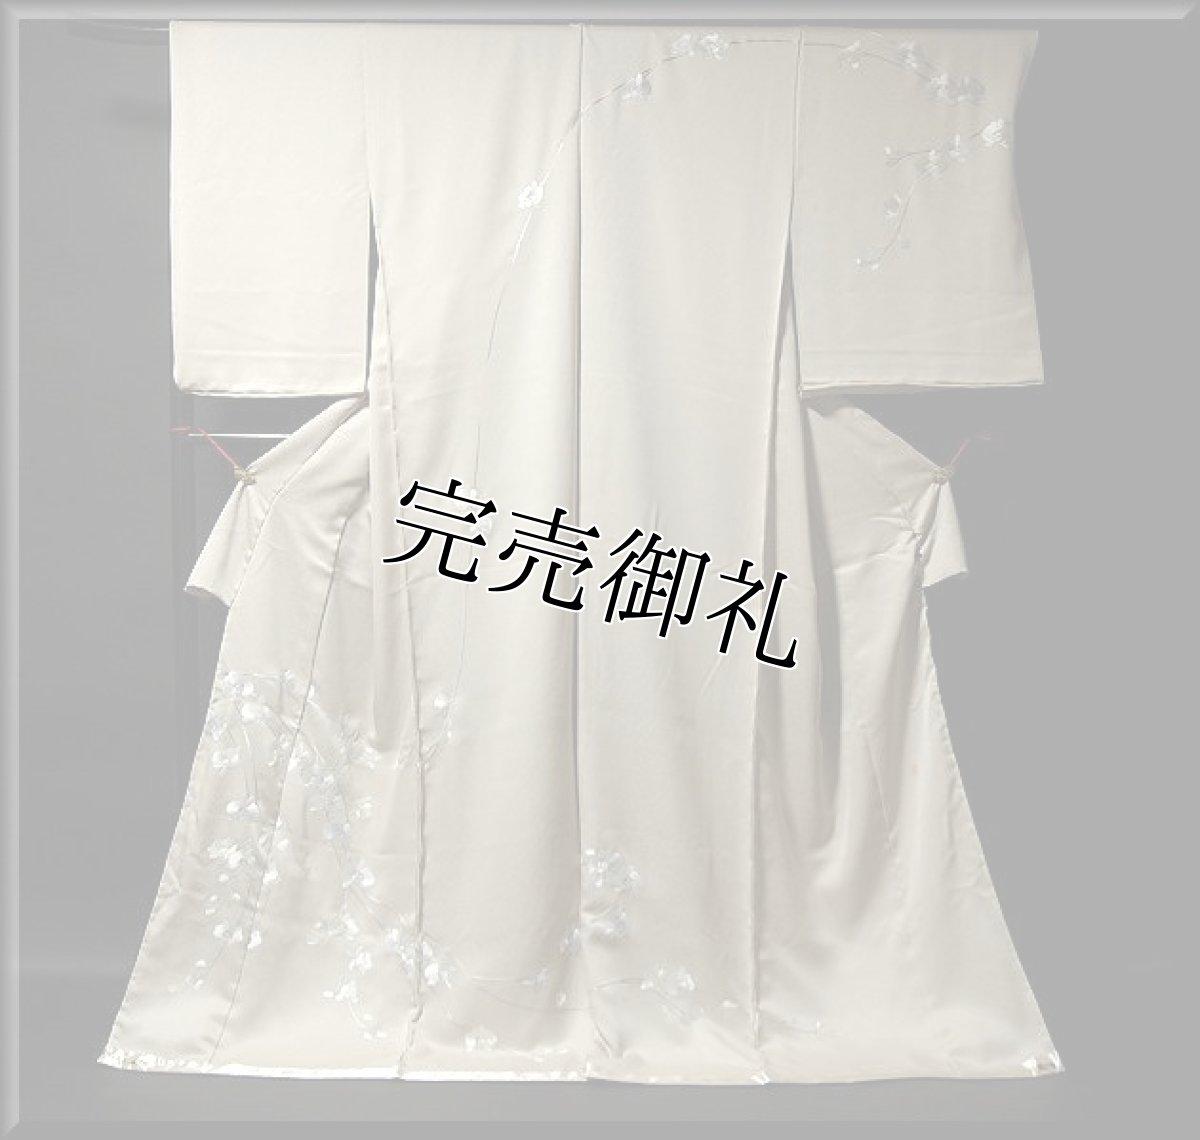 画像1: ■期間限定! お仕立て付き! 山口美術織物 錦繍 「御衣」 蘇州刺繍 総手刺繍 訪問着■ (1)